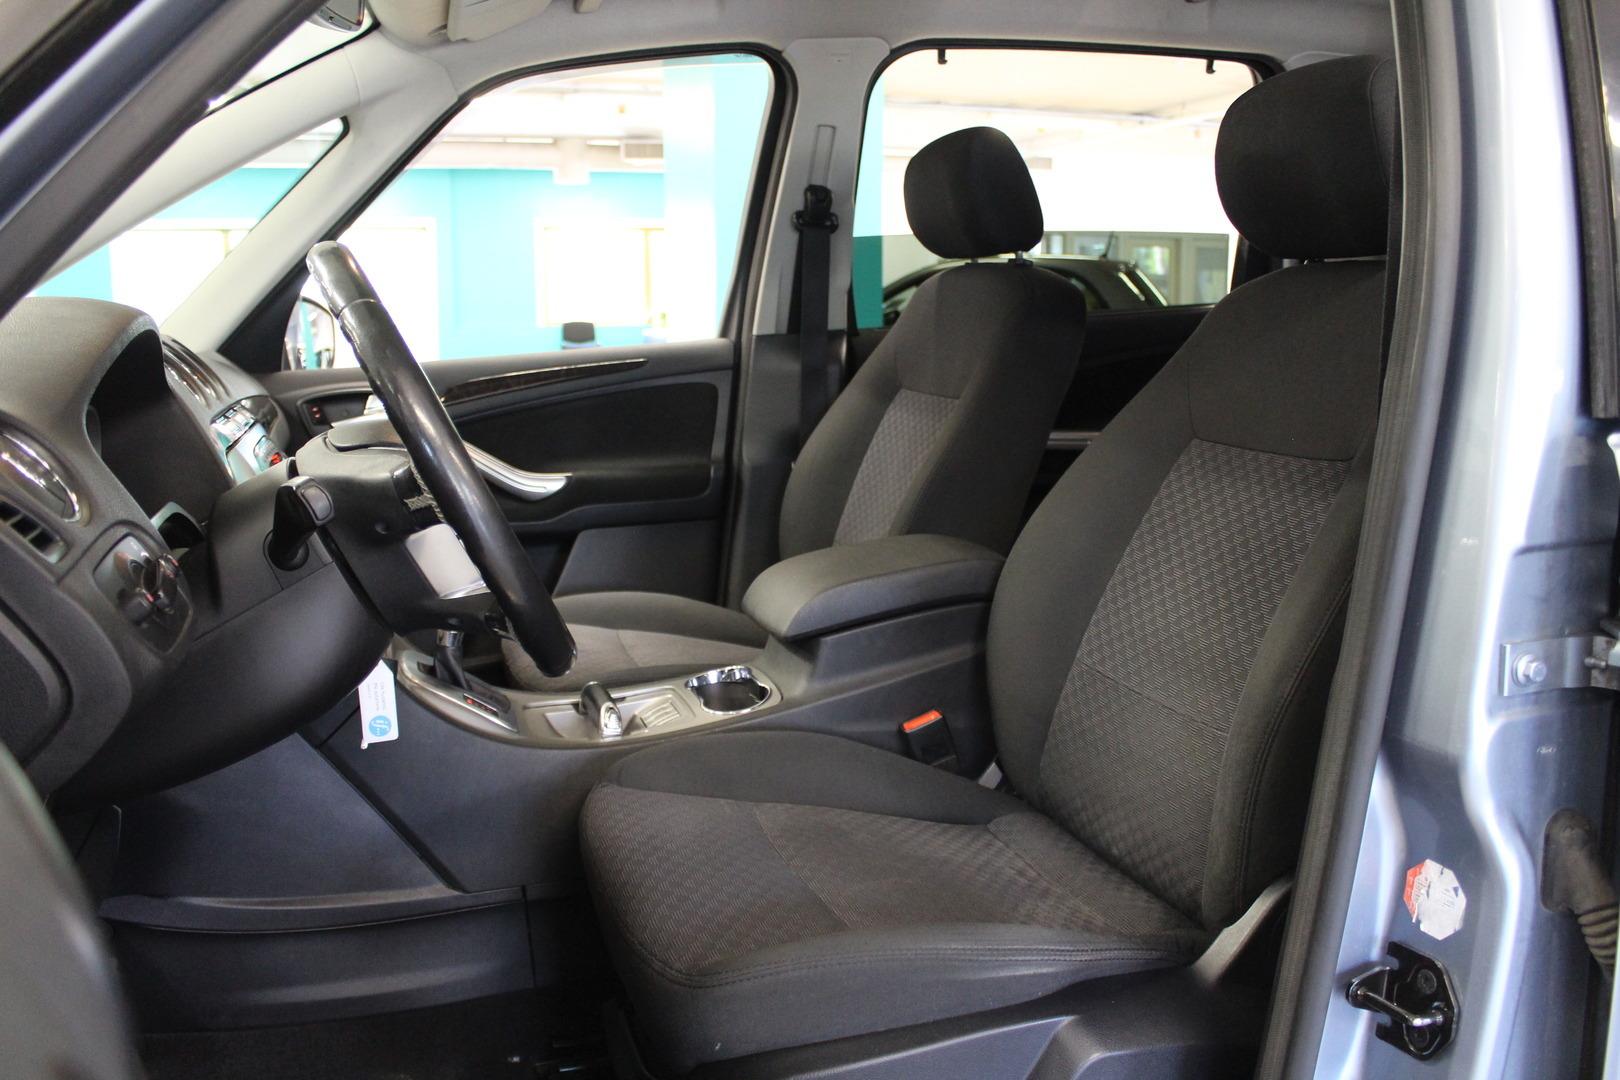 Ford Galaxy, 2,0 TDCi Ghia Automaatti **Juuri tullut** #7-Paikkainen! #Panorama! #Käsiraha alk.0e